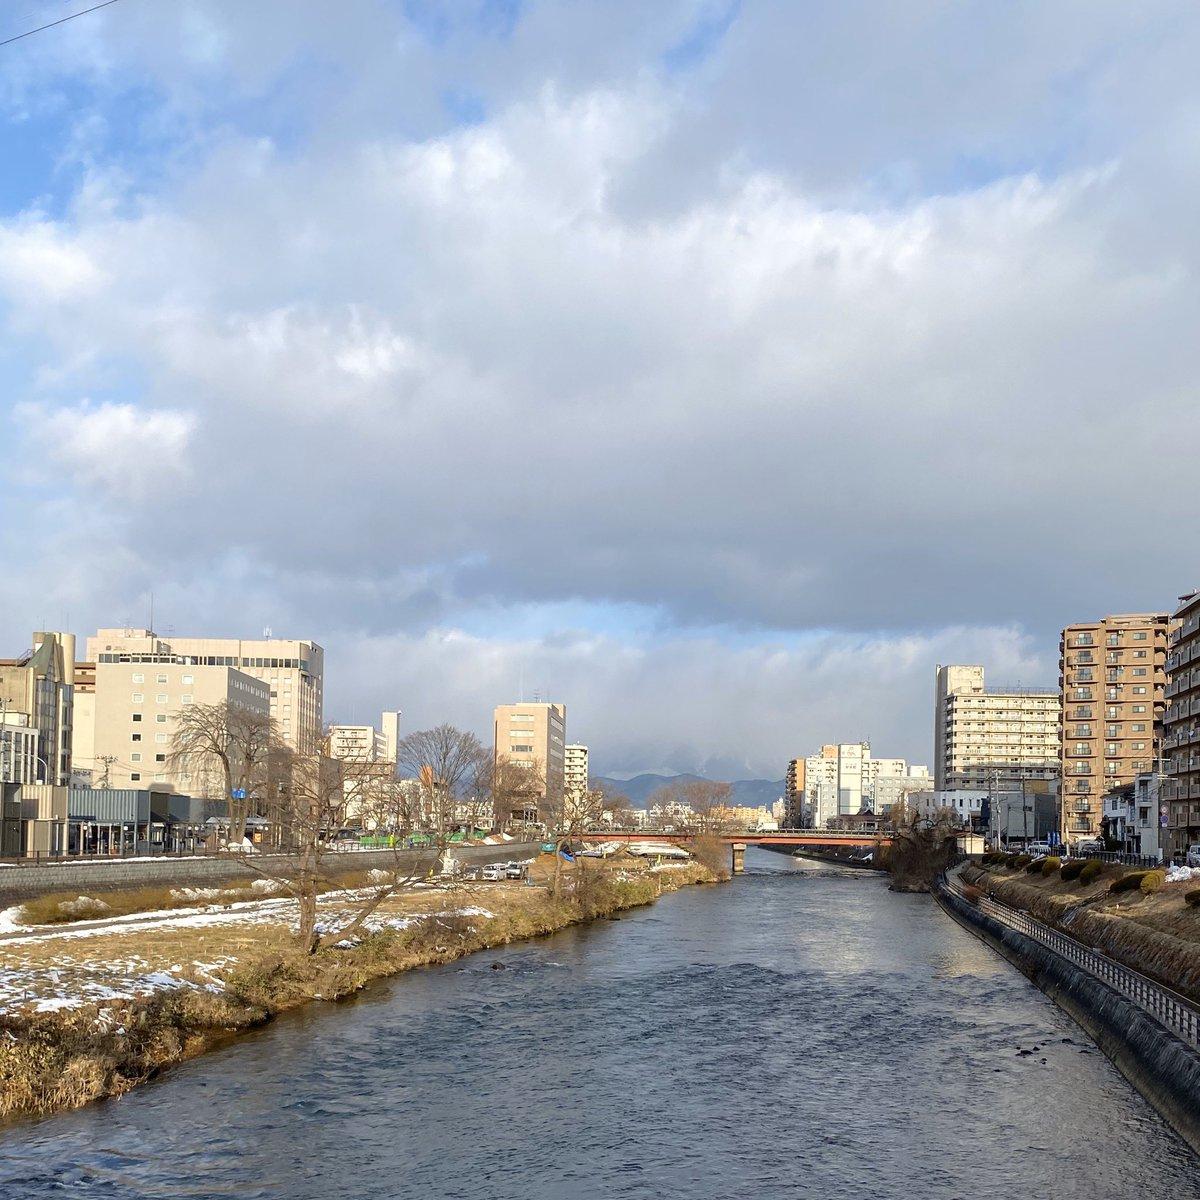 2020/01/17 盛岡市の開運橋から撮影。きょうで阪神・淡路大震災から25年です。みなさま、体調管理に気をつけてお過ごしください。 #岩手 #盛岡 #北上川 #岩手においでよ